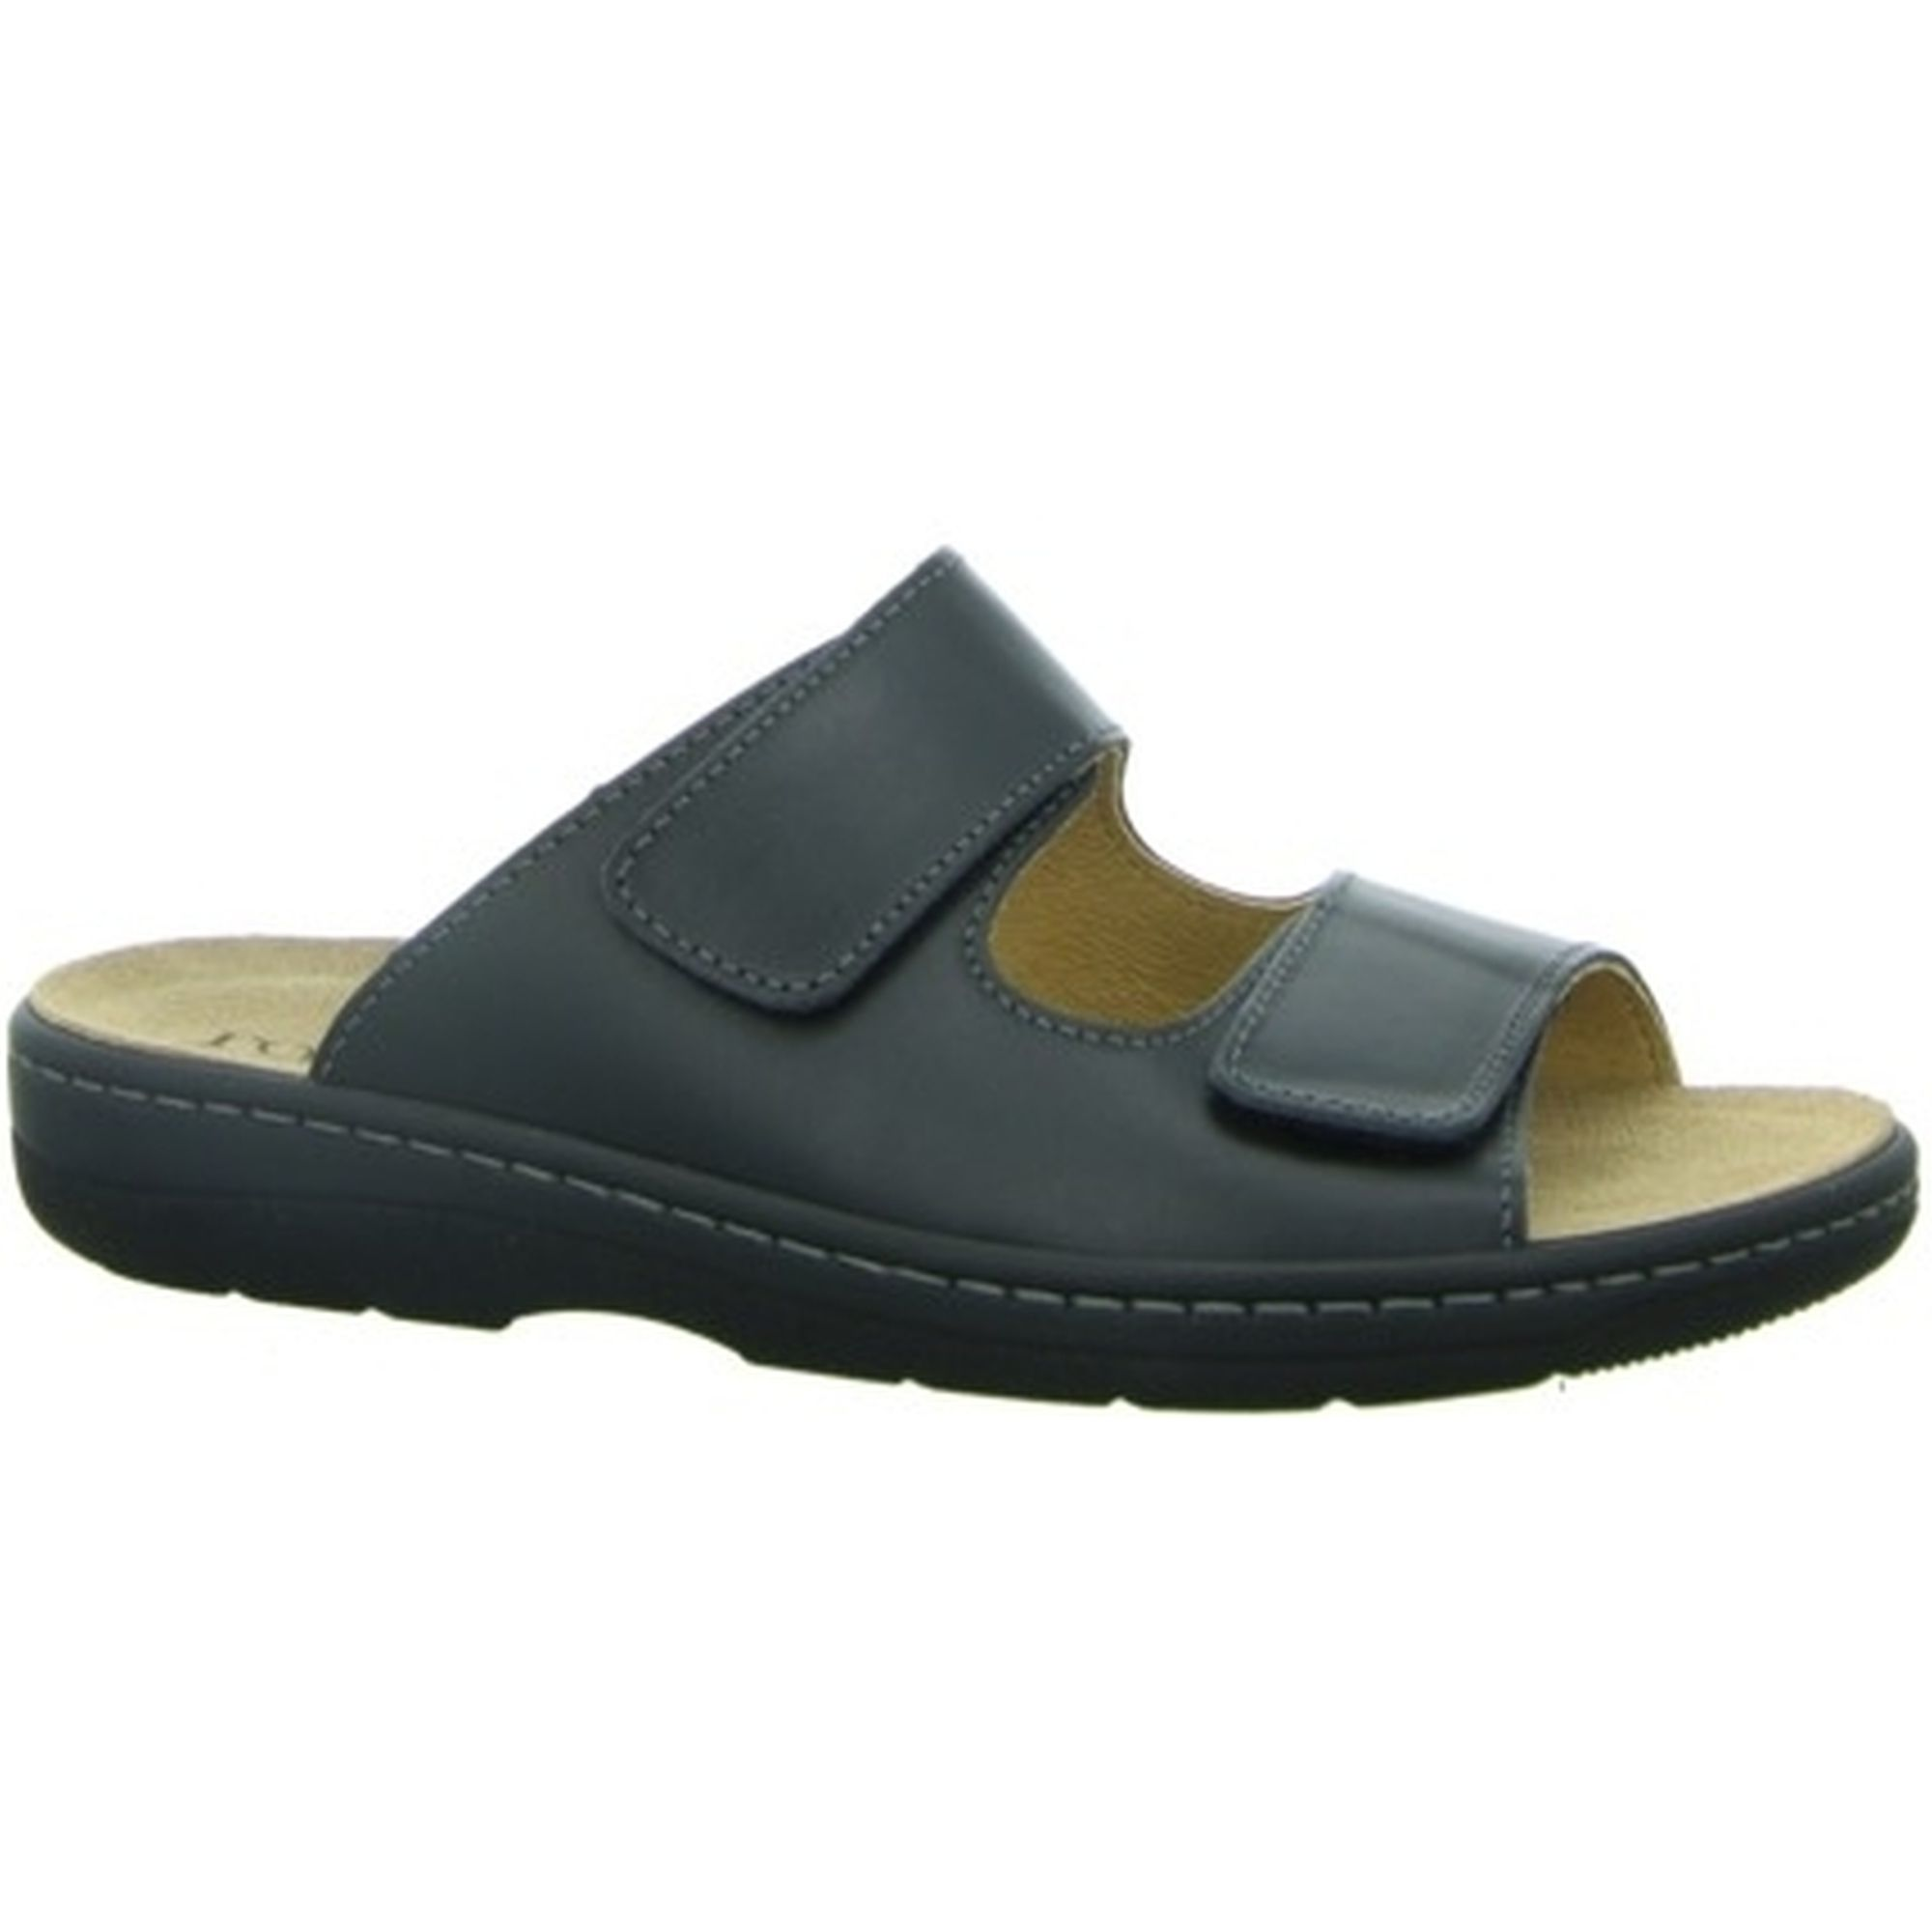 Longo schuhe großer auswahl günstig online kaufen   Schuhe24